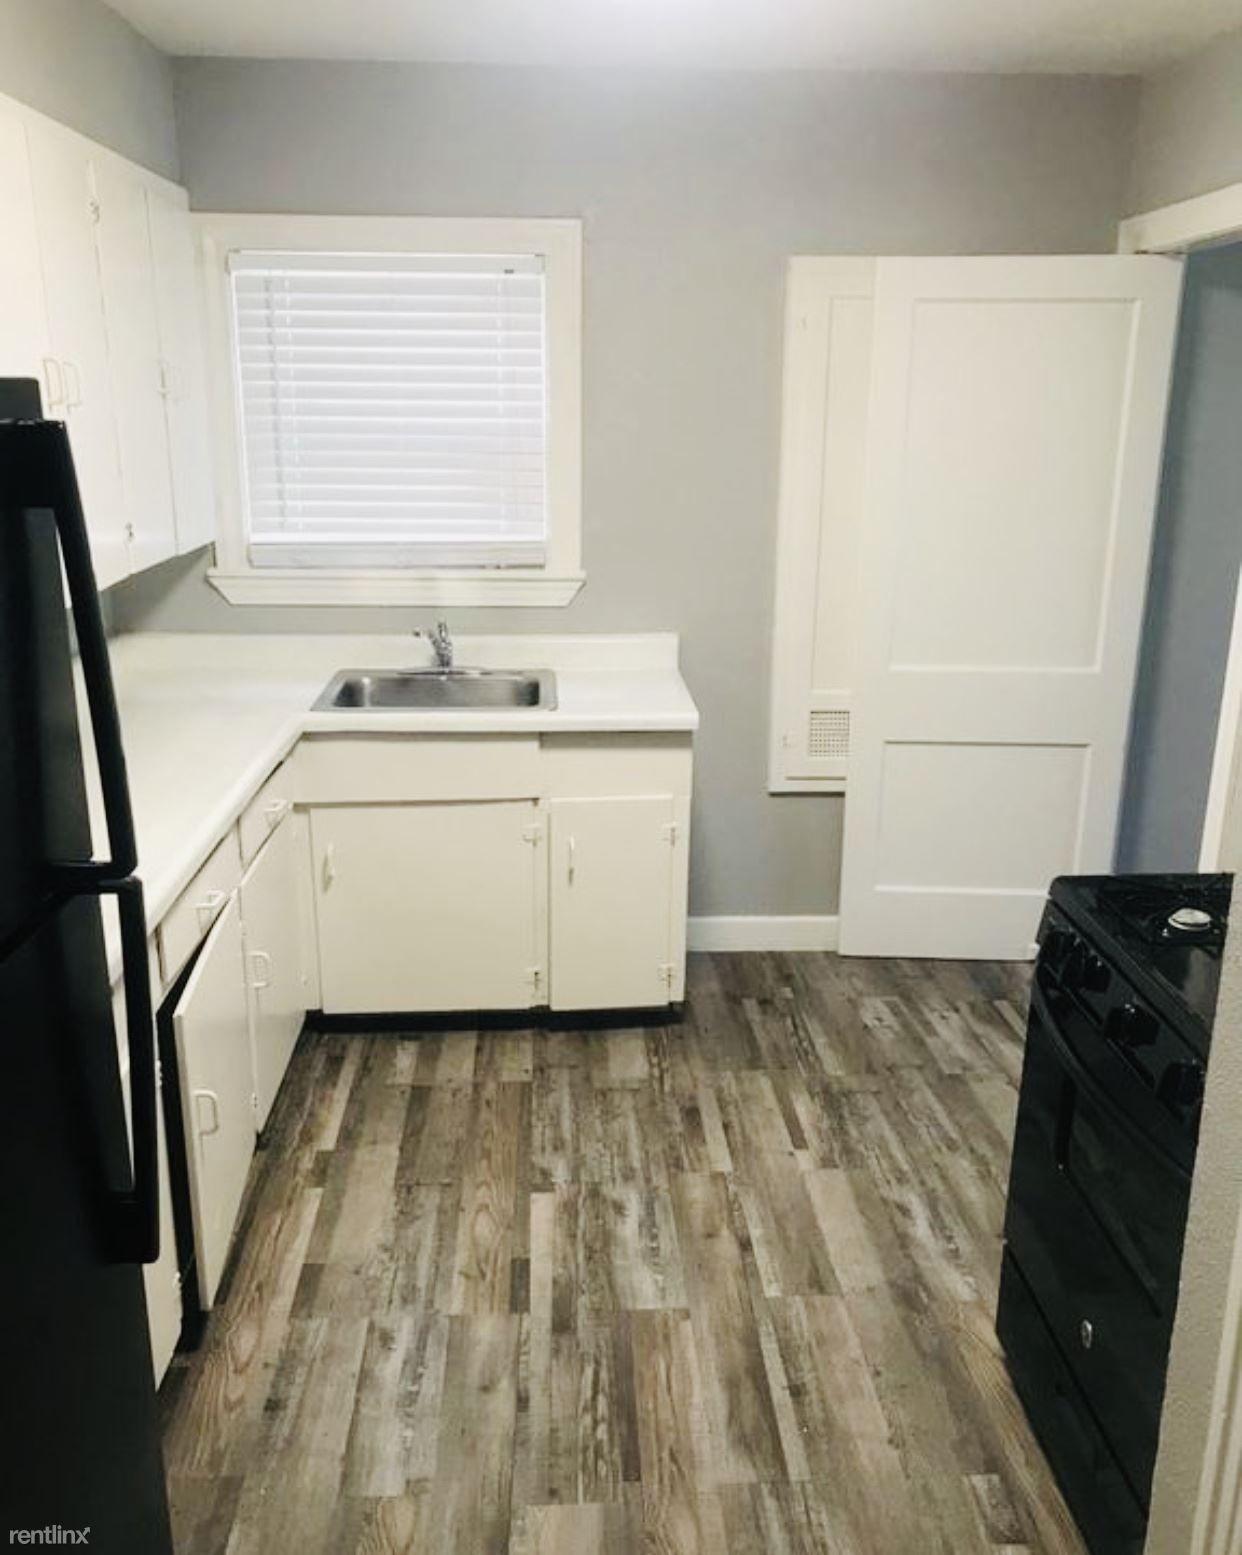 724 E Grayson St rental